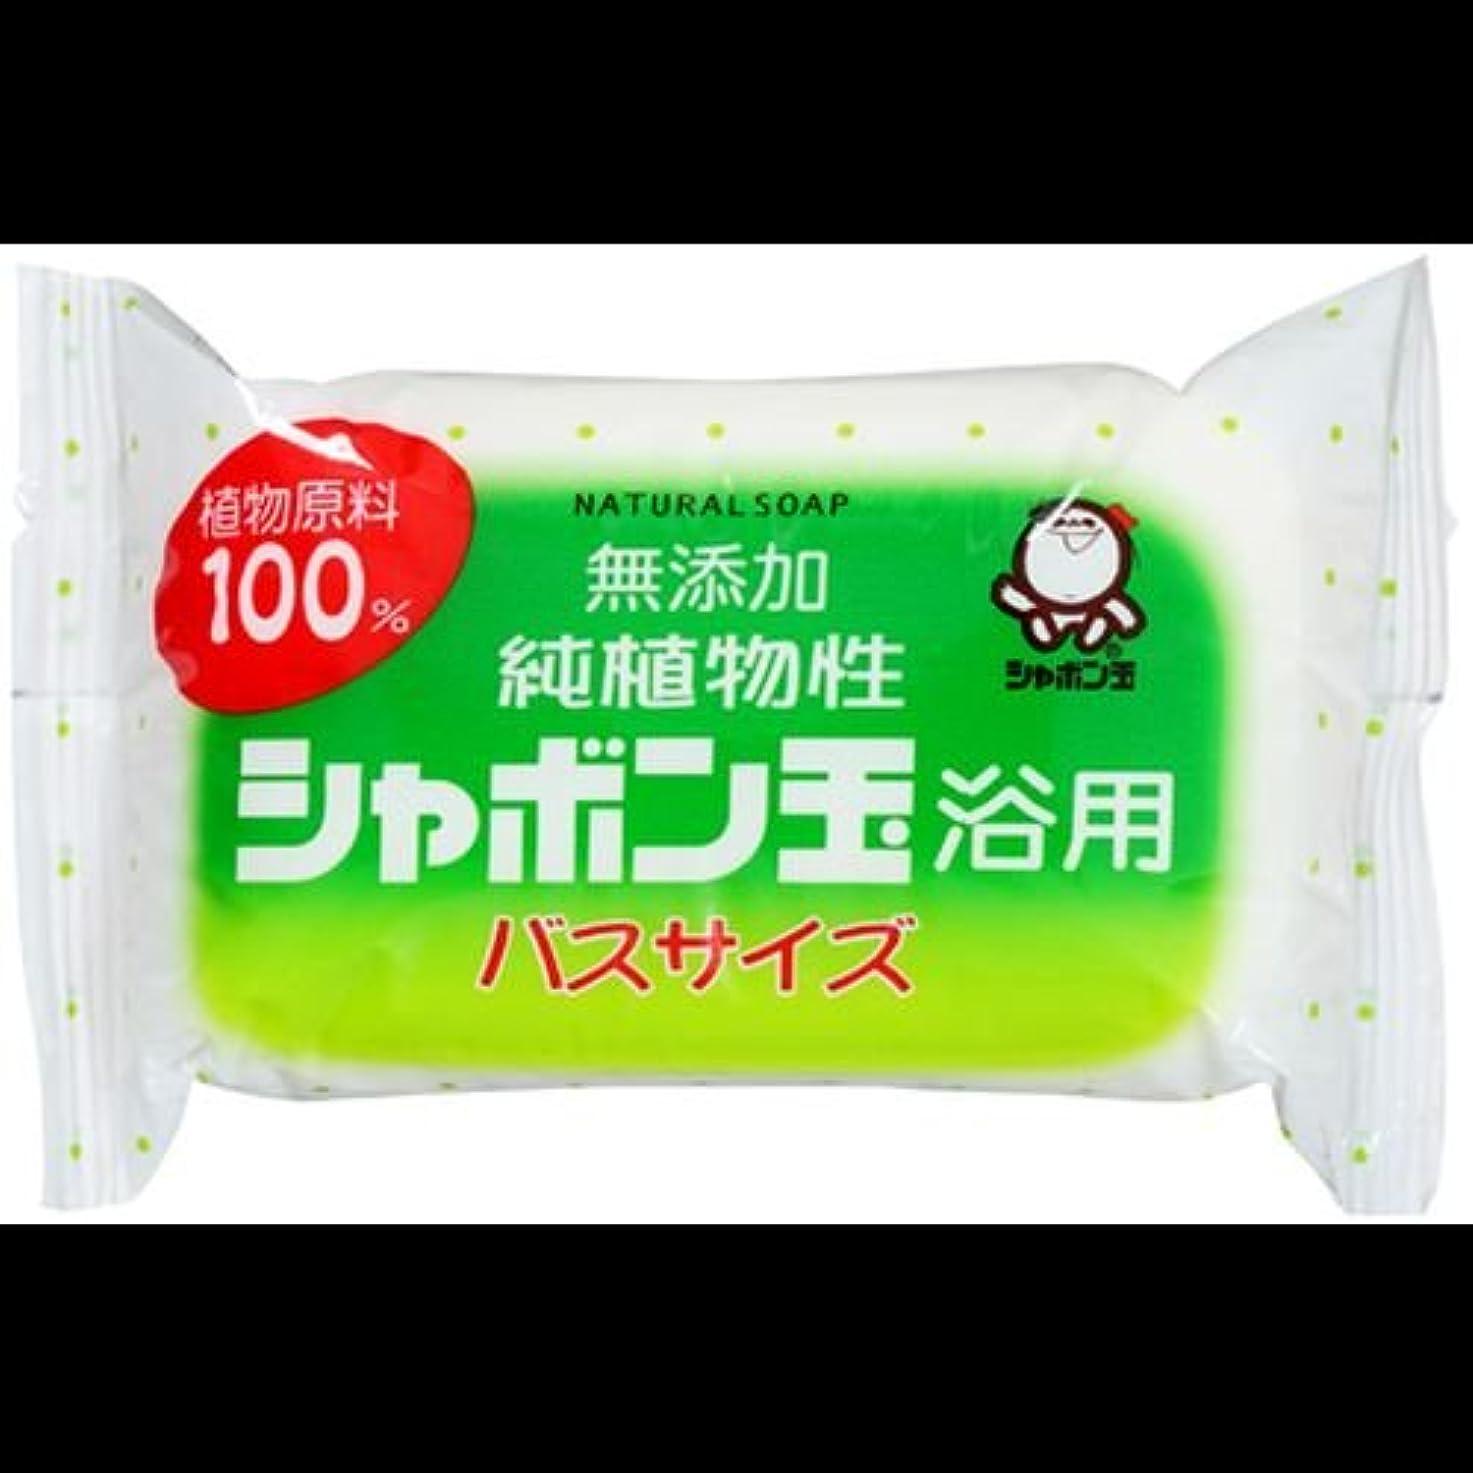 センチメートル品命令【まとめ買い】純植物性シャボン玉 浴用 バスサイズ155g ×2セット